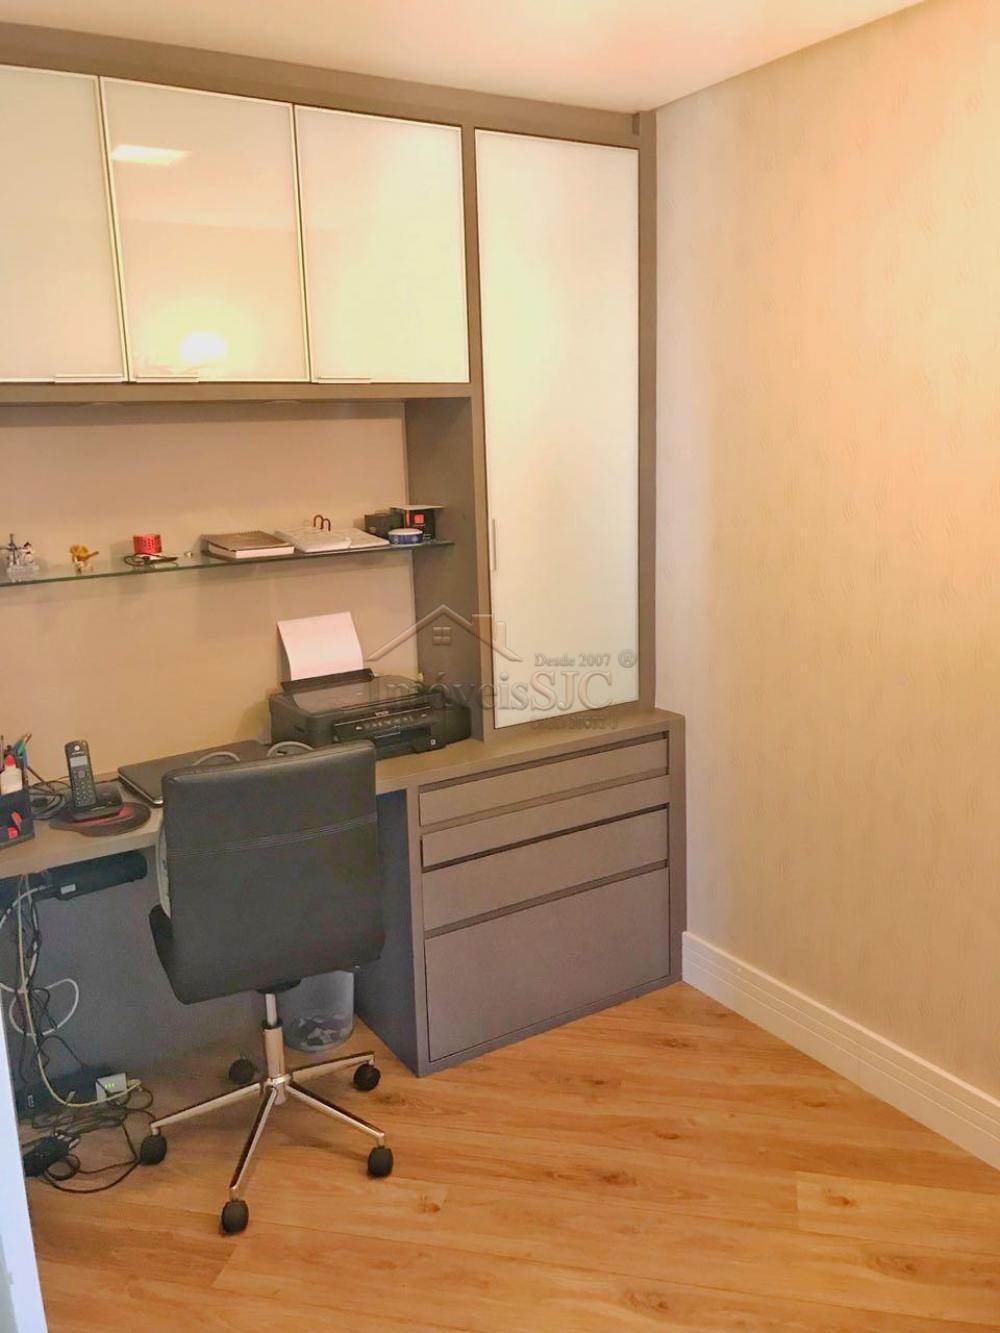 Alugar Apartamentos / Padrão em São José dos Campos apenas R$ 6.000,00 - Foto 11